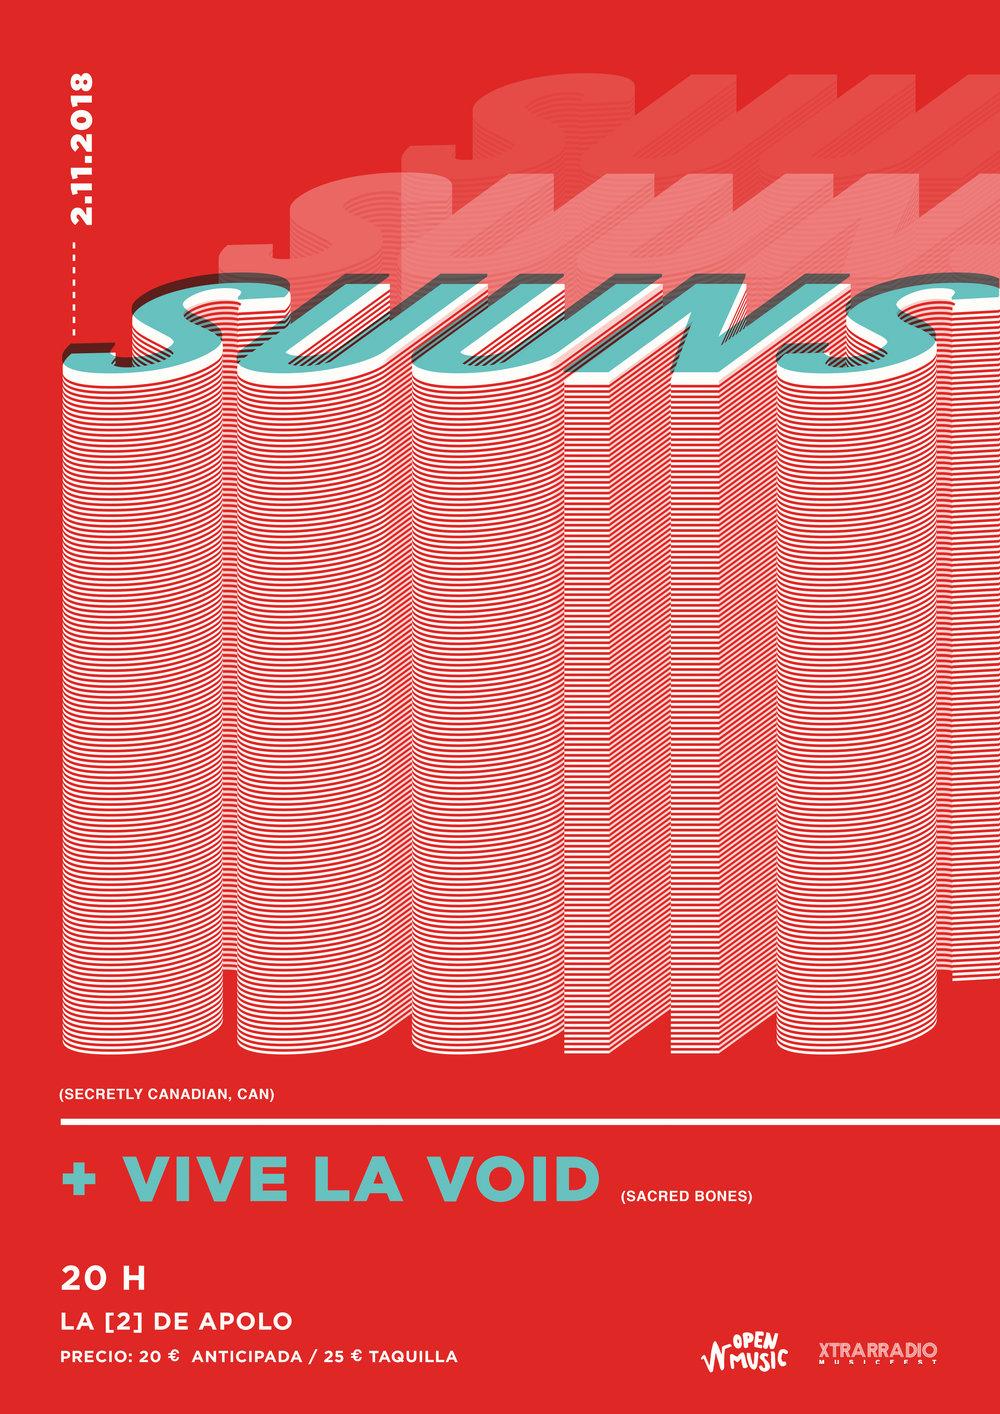 """SUUNS + Vive La Void en Barcelona by Xtrarradio & Openmusic - • Viernes 2 de noviembre de 2018, 20 h.• La [2] de Sala Apolo, Barcelona.• + Banda invitada:Vive la Voides el proyecto en solitario de Sane Yamada (Moon Duo).• 20 € Anticipada en entradium+ gastos / 25 € taquilla.• Suscríbete a nuestra NEWSLETTER:https://goo.gl/w7gtL4VIDEO:https://goo.gl/CHXvQ2AUDIO:https://goo.gl/3ufsN3Estos canadienses fueron las sensación del Primavera Sound2016 dejando a todo el público anonadado con su oscuridad y post-punk de autor. Y es que los canadienses empezaron en el art-rock más oscuro con su debut en 2010 de """"Zero QC"""". Hoy, ocho años después, la crítica los deja por las nubes y es que su disco, """"Hold/Still"""" de 2016, fue la pera limonera.Una de las características del grupo es su línea de experimentación ascendente, que desde 2007, año en el que se formó oficialmente la banda, persiguen con pasión. Ahora, con más electrónica que en anteriores entregas, podremos disfrutar en directo de una propuesta más sosegada, más detallista donde la banda se ha llenado de influencias de John Congleton (productor de Swanso Explosions in the Sky, entre otros).Por si no lo sabíais,SUUNS(se pronuncia """"soons"""", y se traduce como """"ceros"""" en tailandés) han tratado de hacer las cosas de manera diferente a lo que auguraba la escena canadiense. Se formaron en Montreal 2007, cuando el cantante / guitarrista Ben Shemie y el guitarrista Joe Yarmush se unieron para trabajar en algunas demos, a las que pronto se unirían Liam, el viejo amigo de Ben en la batería y Max Henry en el sintetizador. Los dos primeros discos """"Zeroes QC"""" e """"Images Du Futur"""", fueron nominados al Premio Polaris de 2012 y la banda pronto se vio metida en el saco del renacimiento musical de finales del año 2000 en la ciudad de Montreal. Sin embargo, al mismo tiempo, los SUUNS se sienten muy alejados de los grandes conjuntos barrocos y orquestas apocalípticas que caracterizan la escena en Canadá. """"Escribimos música muy minimalista"""", pie"""